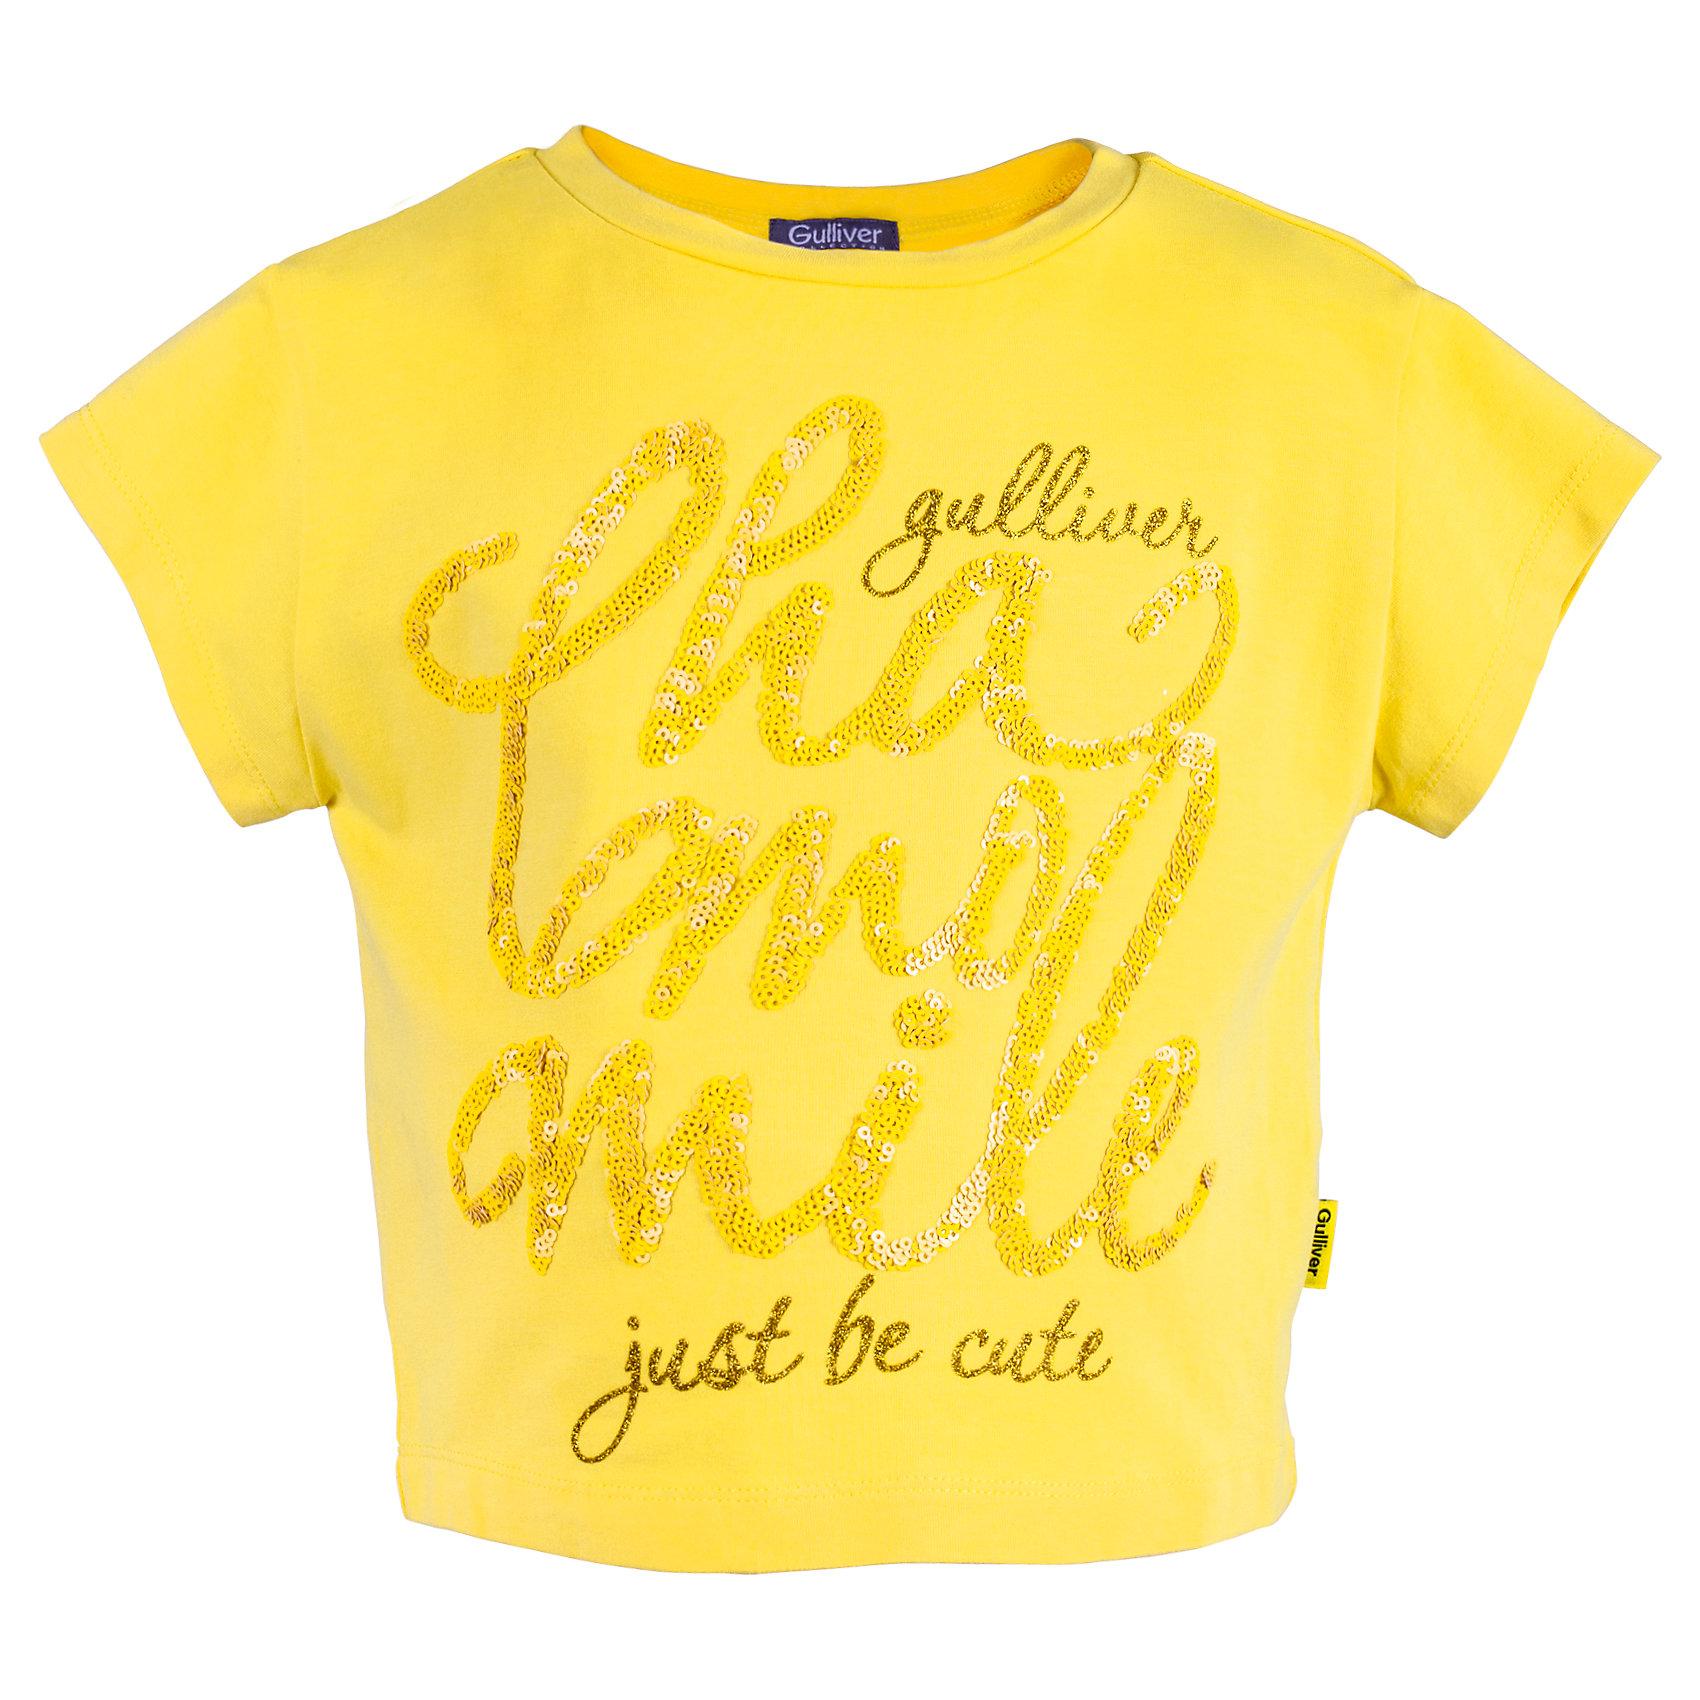 Футболка для девочки GulliverФутболки, поло и топы<br>Характеристики товара:<br><br>• цвет: жёлтый<br>• материал: 95% хлопок 5% эластан<br>• надпись из пайеток<br>• сезон: лето<br>• страна бренда: Российская Федерация<br>• страна производства: Китай<br><br>Яркая жёлтая футболка с коротким рукавом для девочки из коллекции Ромашка от бренда Гулливер. Спереди футболка декорированна надписью из пайеток.<br><br>Футболку для девочки от известного бренда Gulliver можно купить в нашем интернет-магазине.<br><br>Ширина мм: 199<br>Глубина мм: 10<br>Высота мм: 161<br>Вес г: 151<br>Цвет: желтый<br>Возраст от месяцев: 24<br>Возраст до месяцев: 36<br>Пол: Женский<br>Возраст: Детский<br>Размер: 98,104,110,116<br>SKU: 5483524